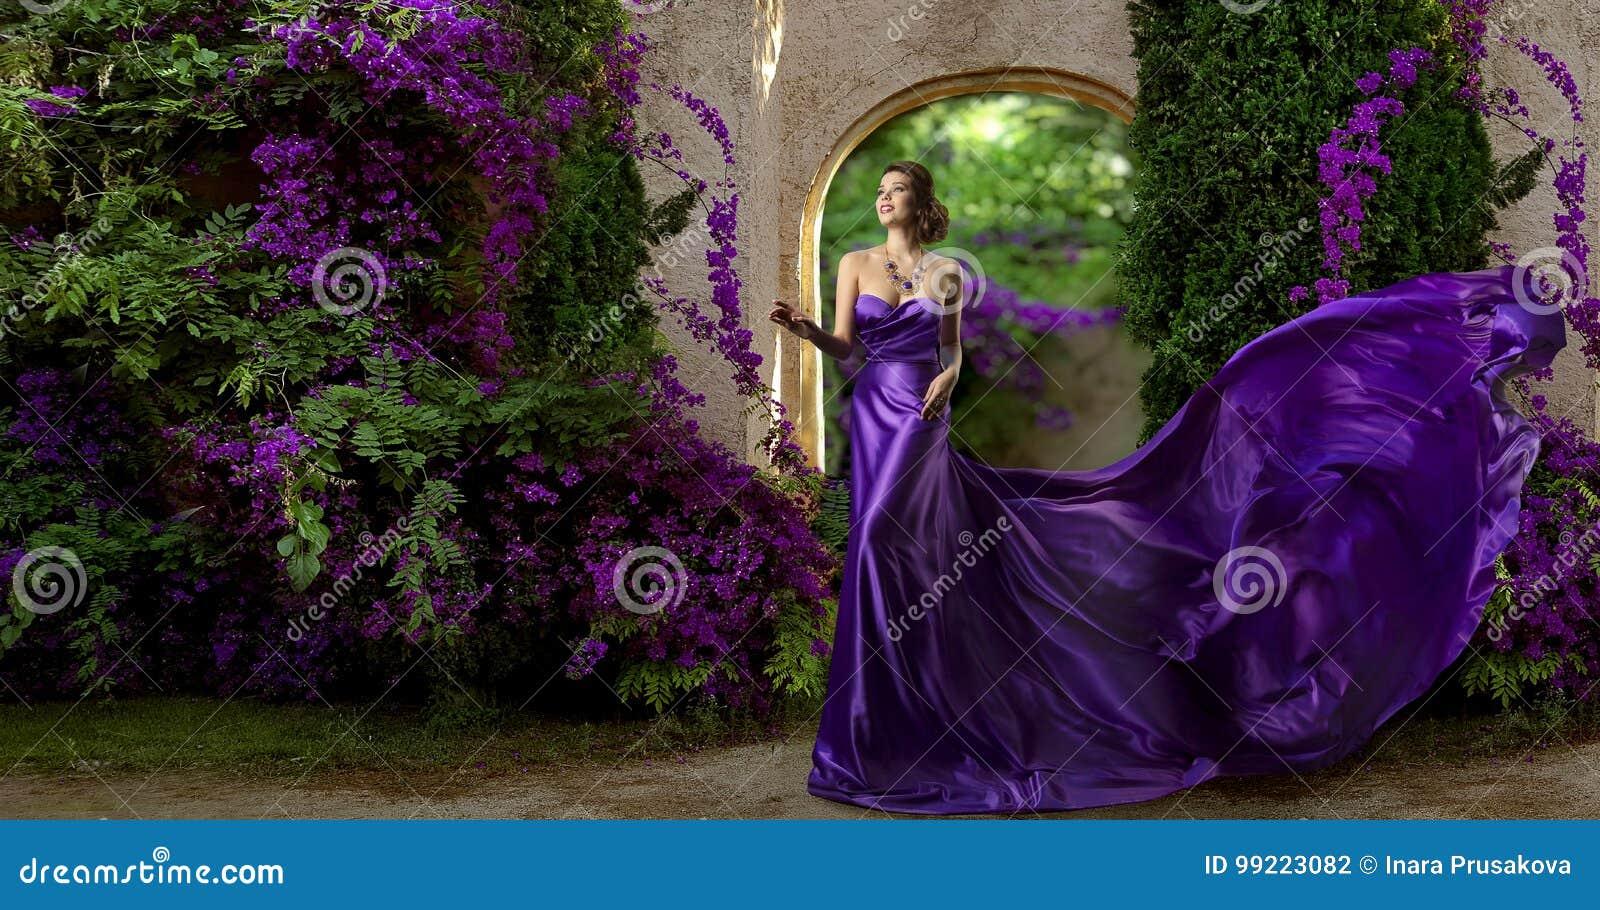 时装模特儿紫色礼服,妇女长的丝绸褂子,紫罗兰色庭院